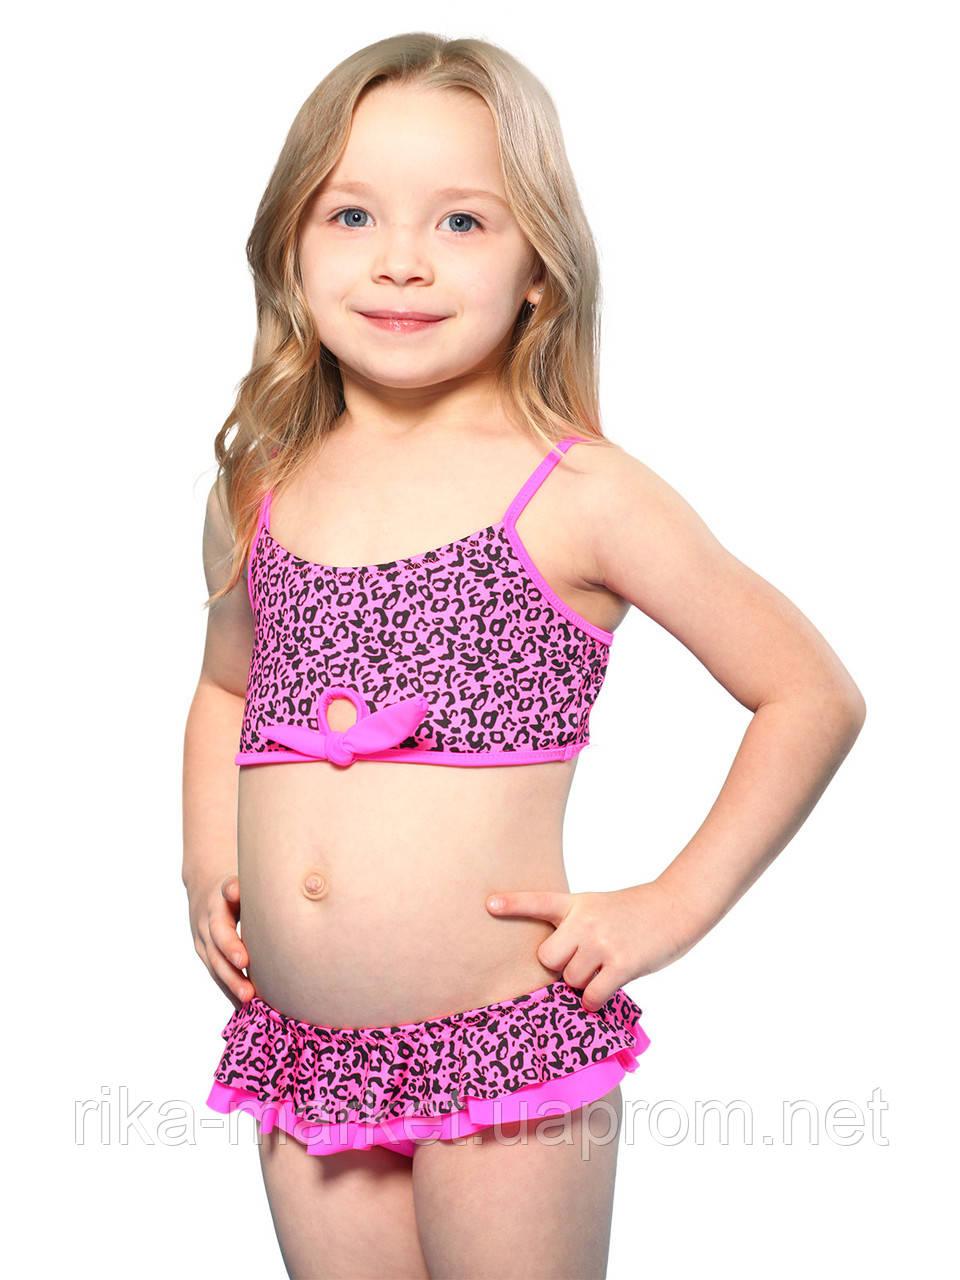 Раздельный купальник для девочки Keyzi, от 2 до 6 лет, Panther 2psc